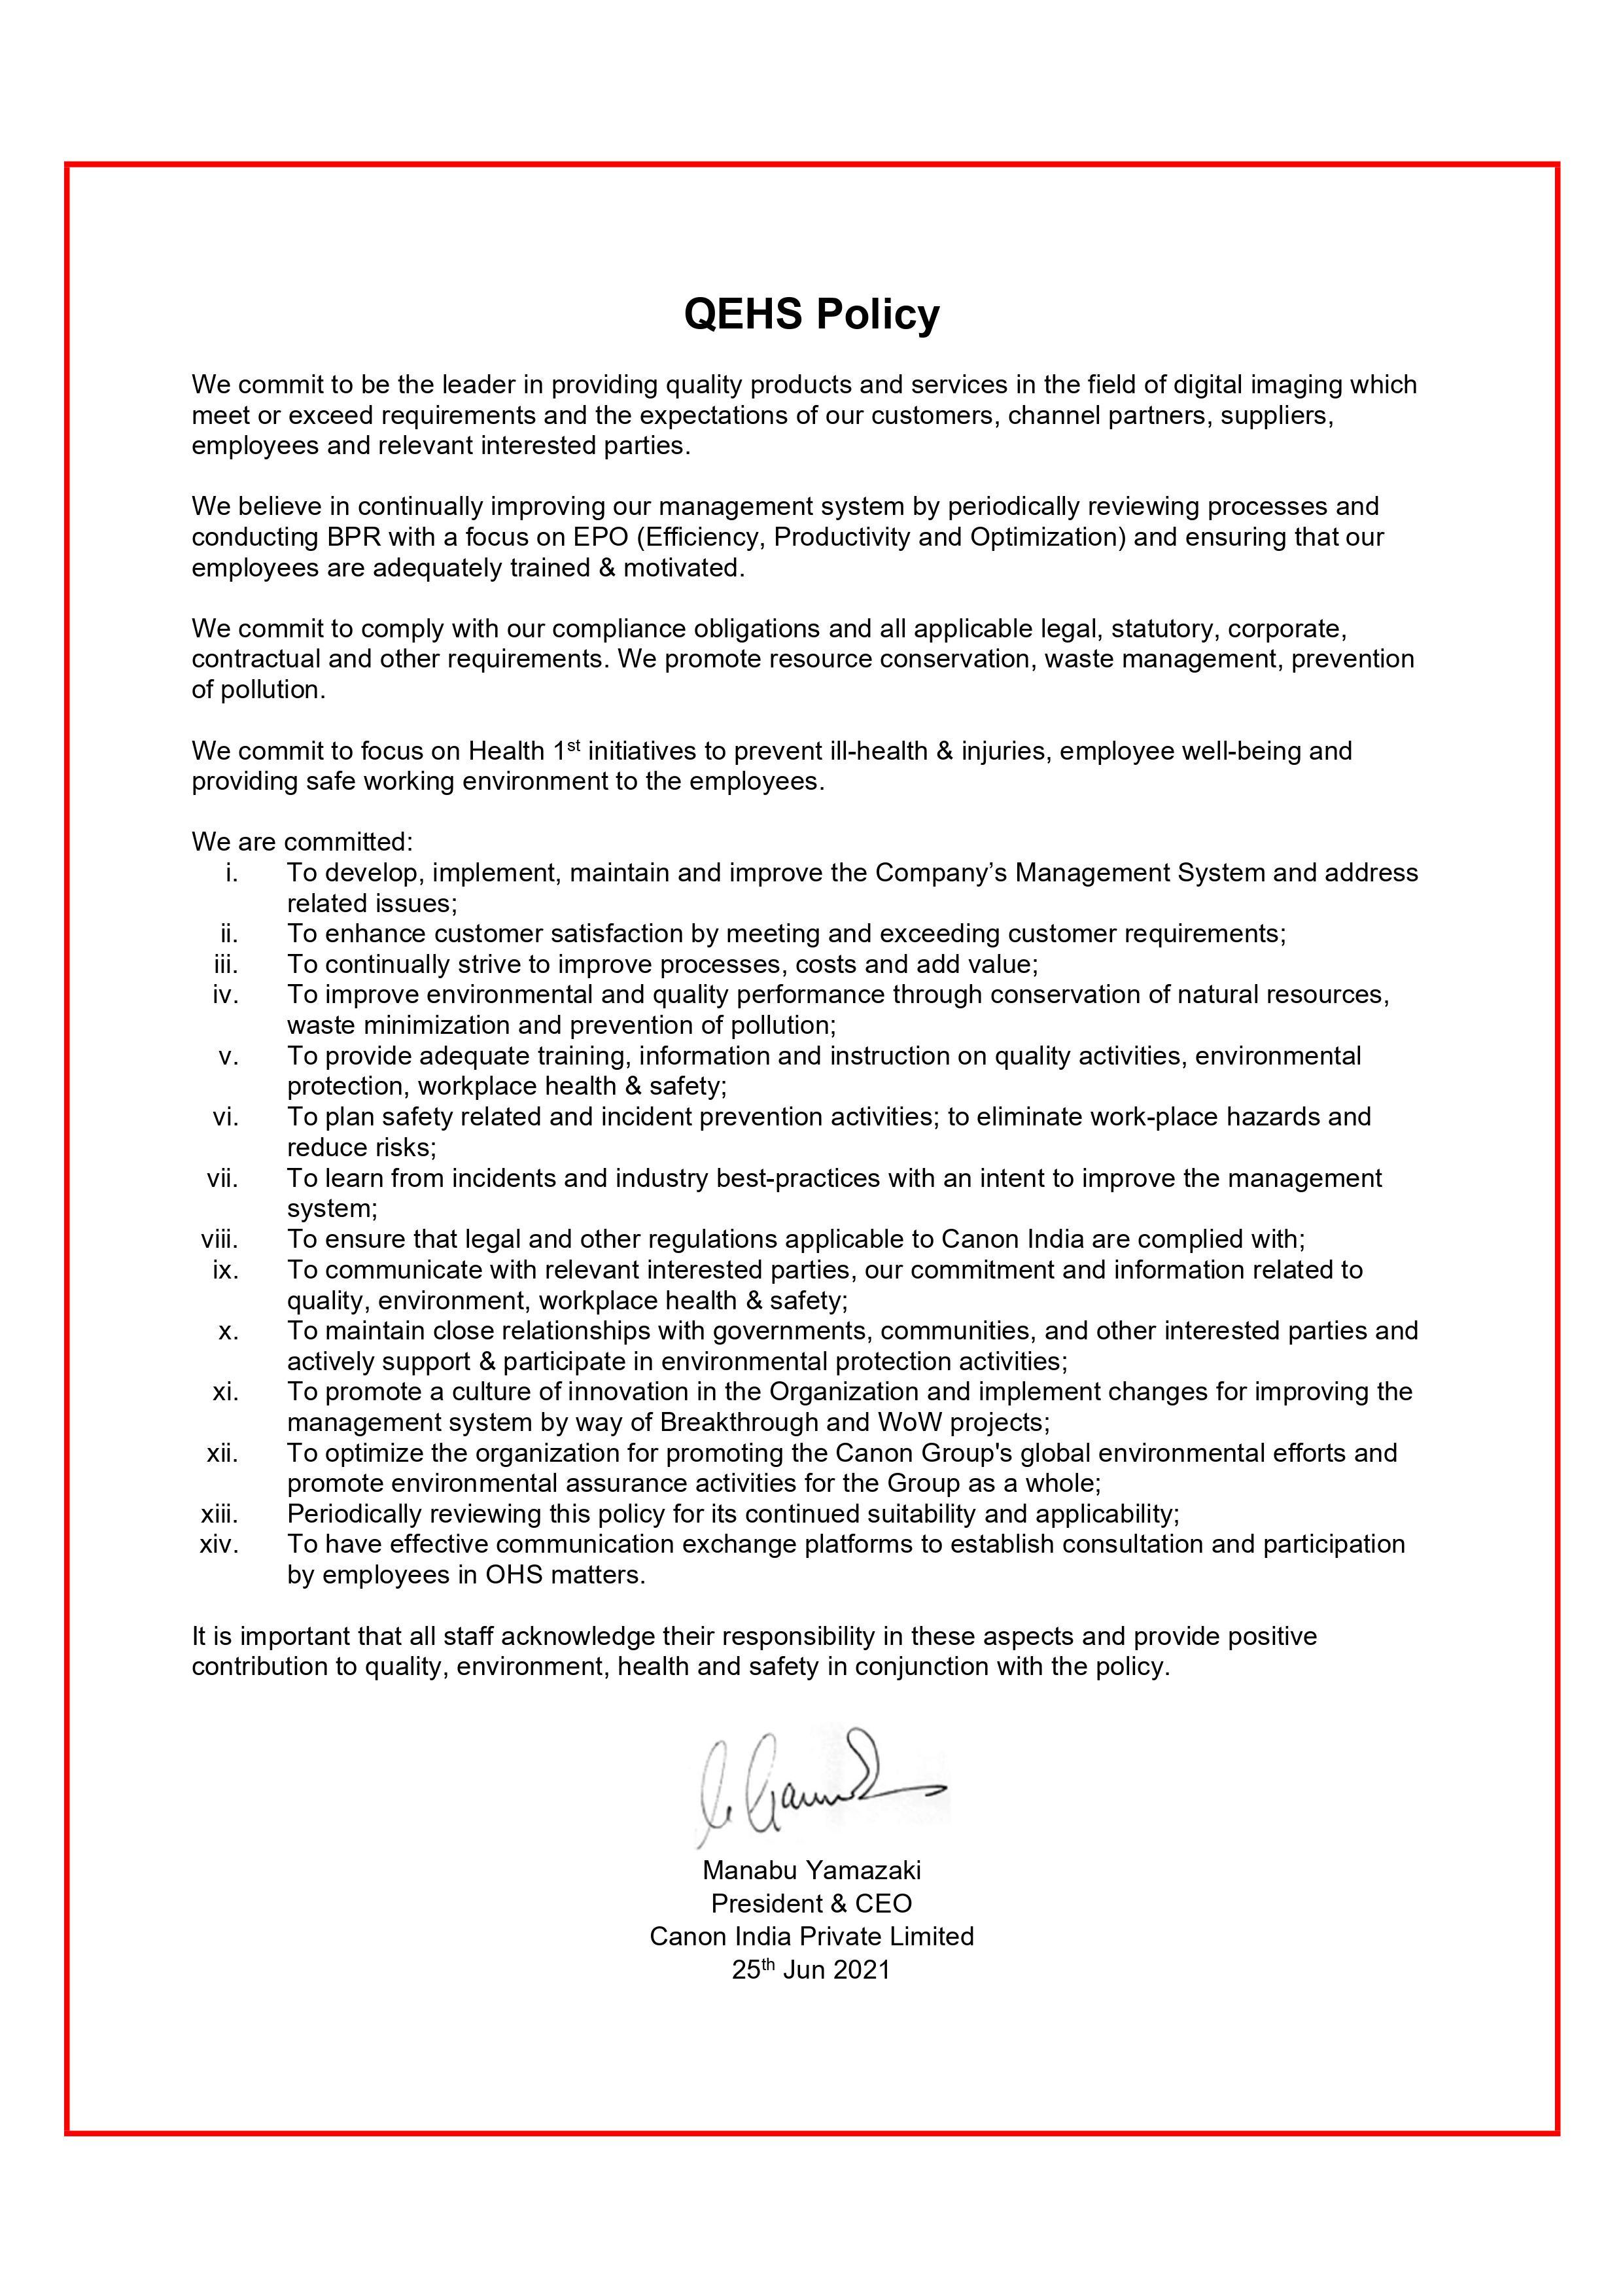 2021 QEHS Policy_QEHS-PO-001